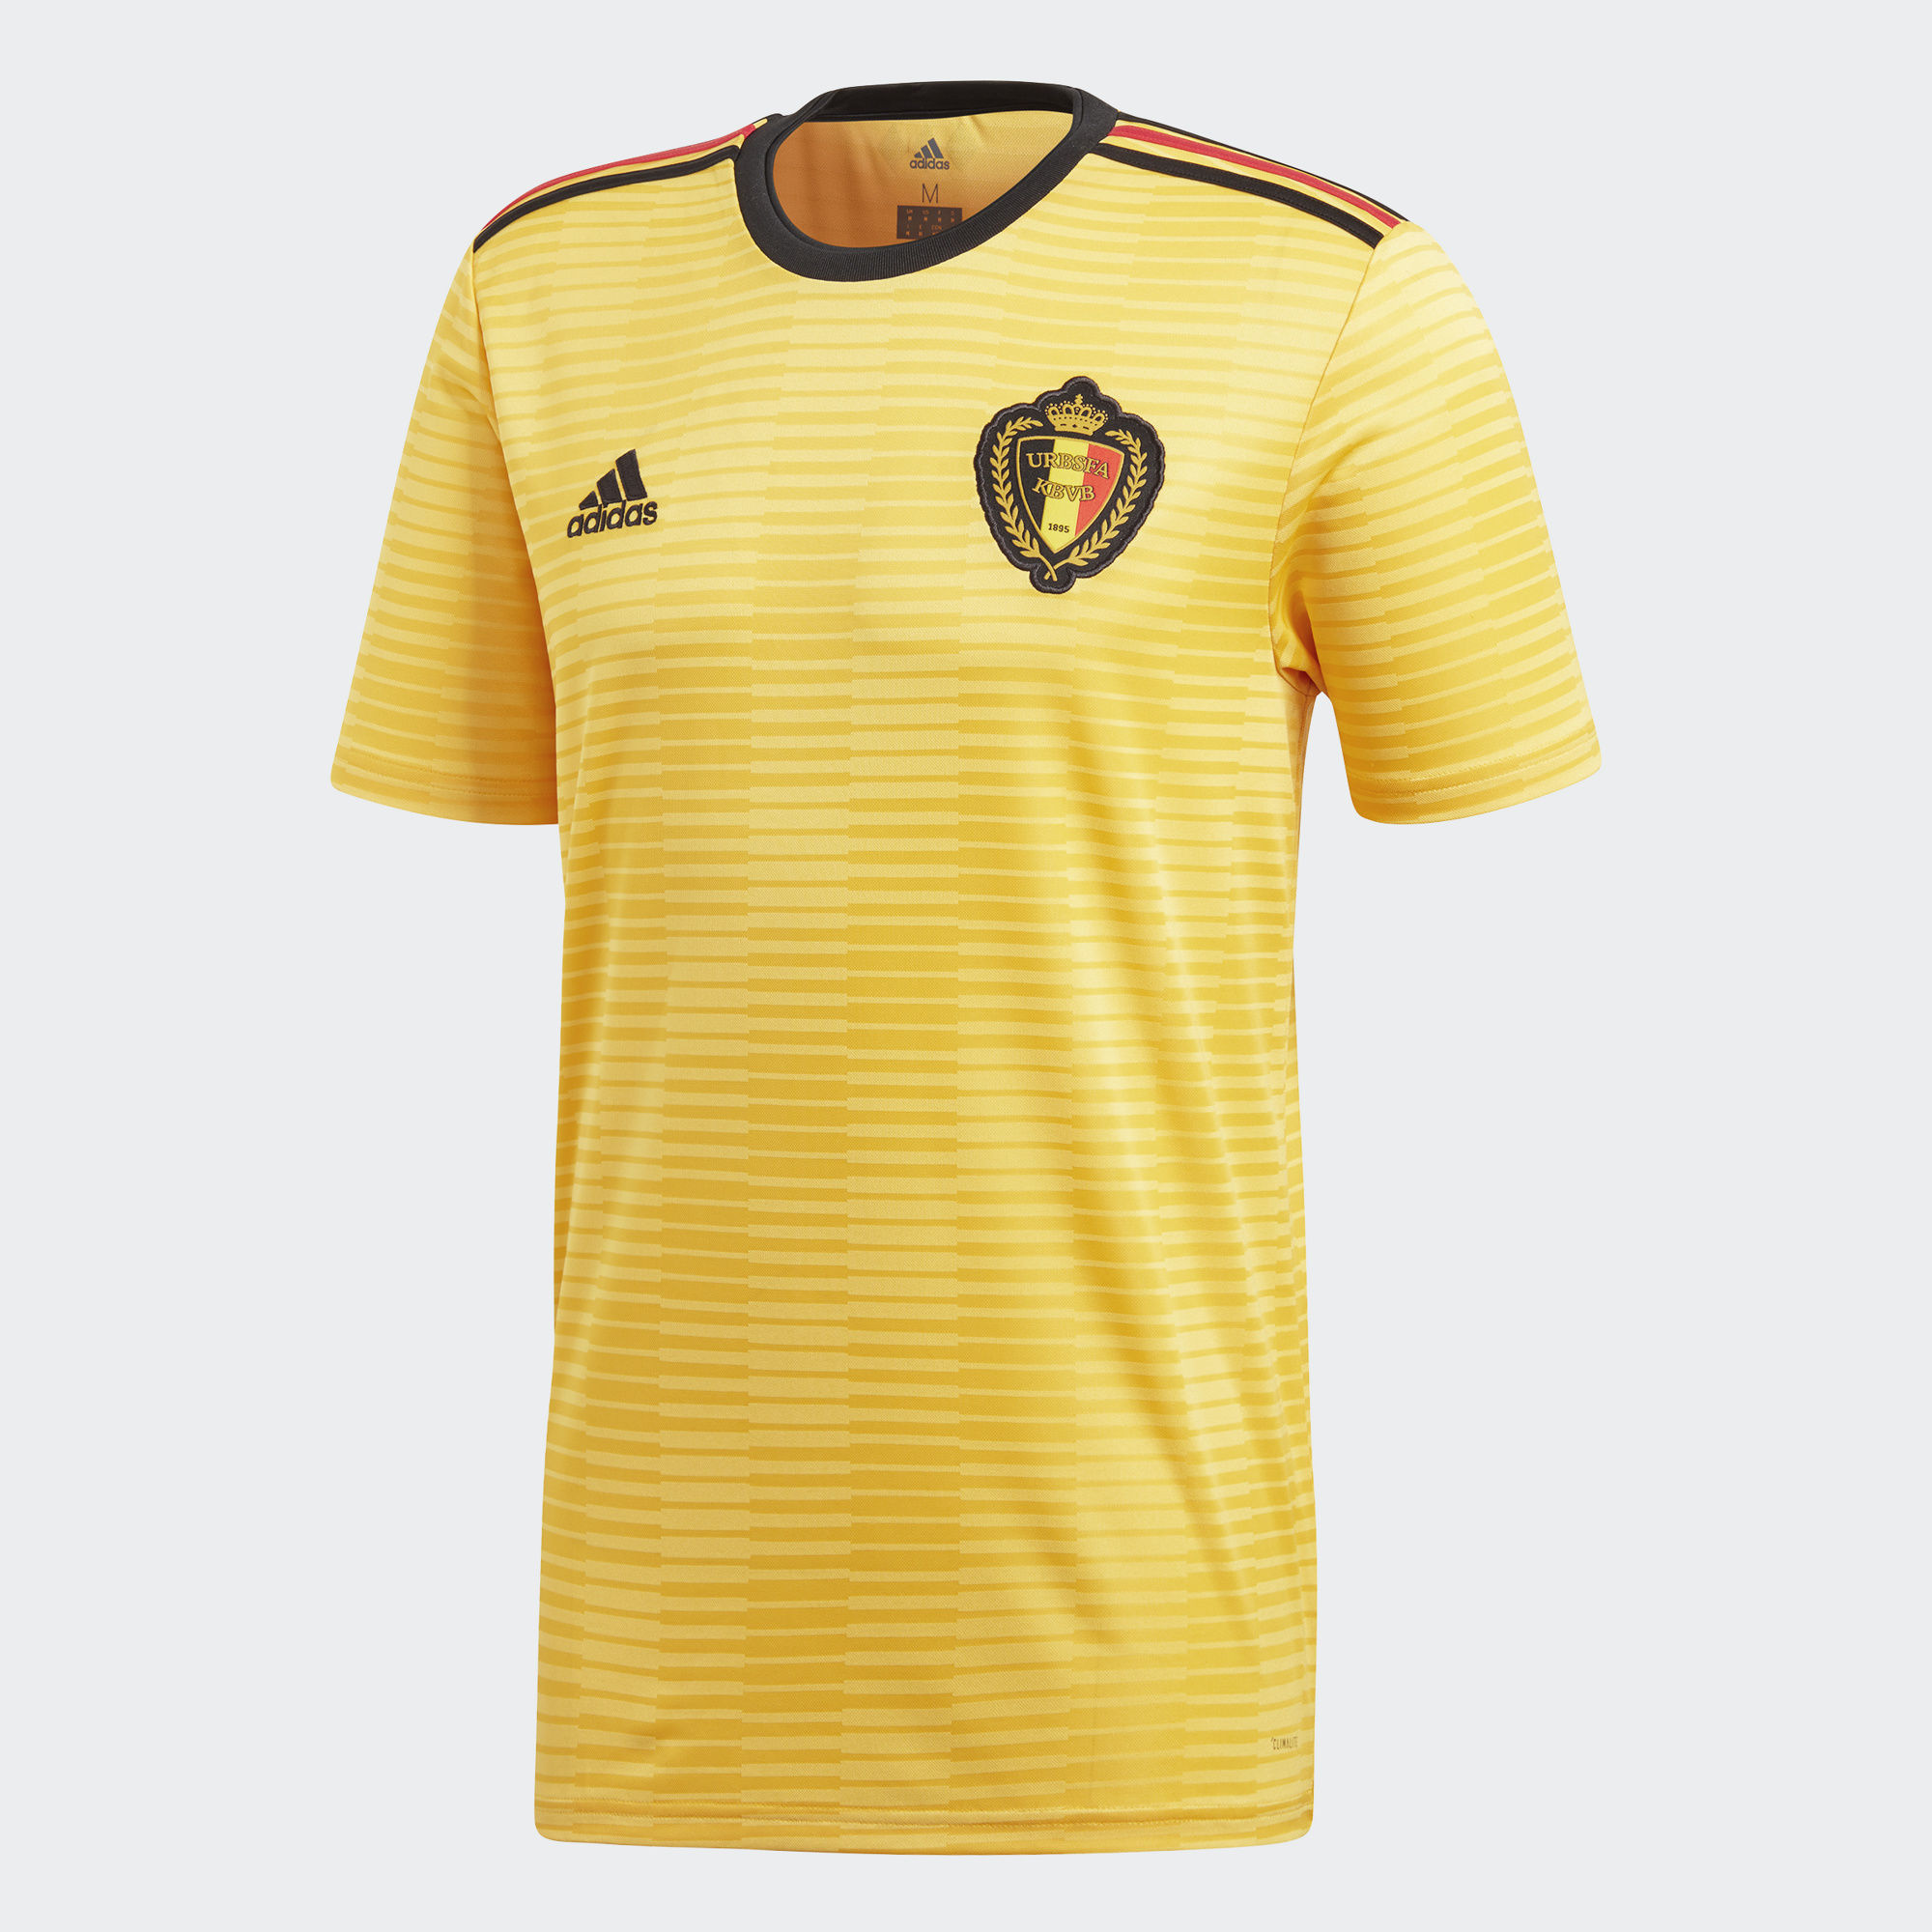 05453de875b ... Click to enlarge image belgium_2018_world_cup_adidas_away_kit_e.jpg ...